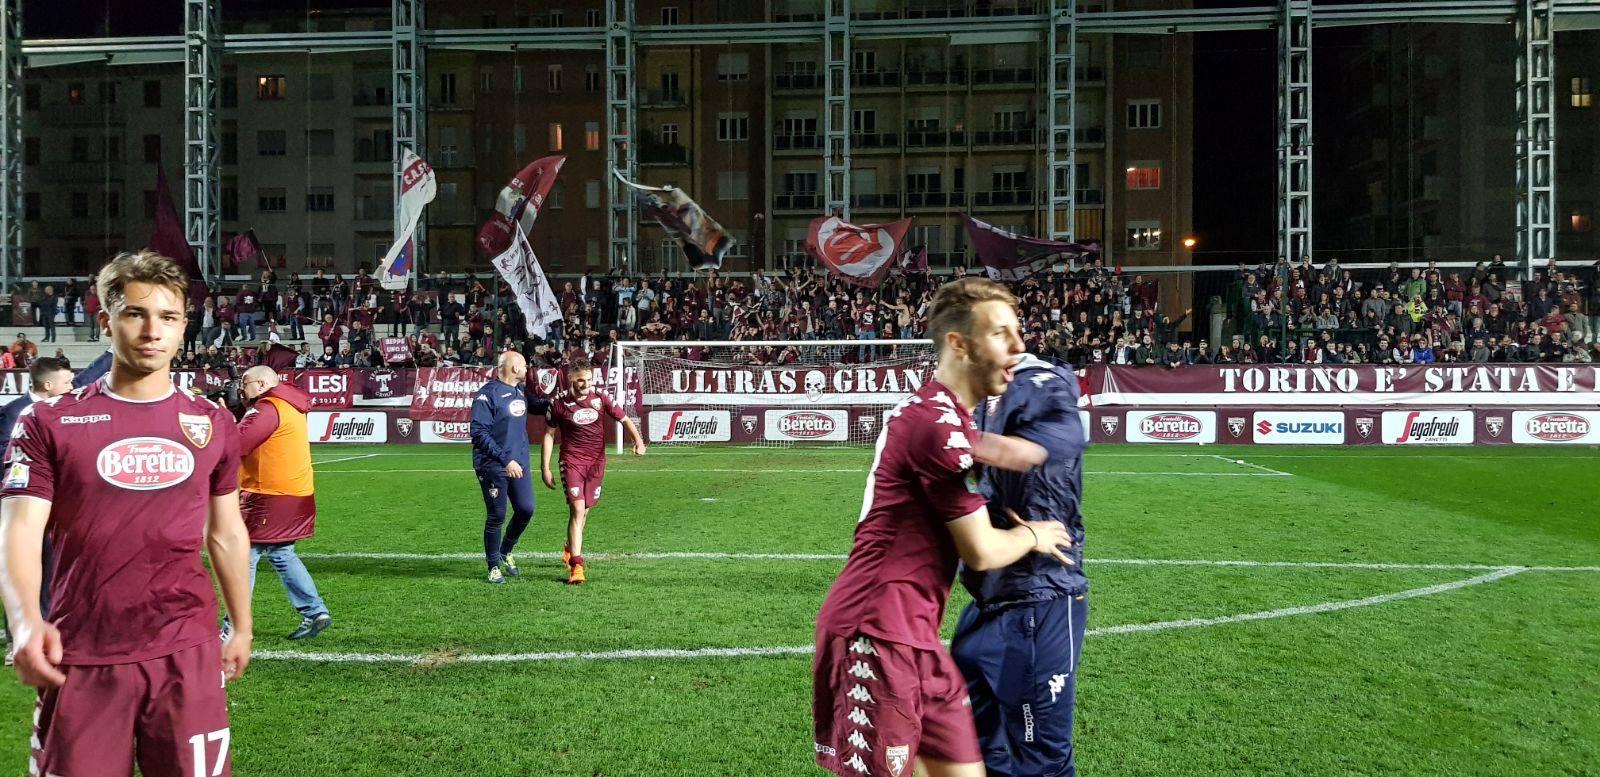 Nhận định bóng đá Torino vs Inter Milan, 17h30 ngày 8/4